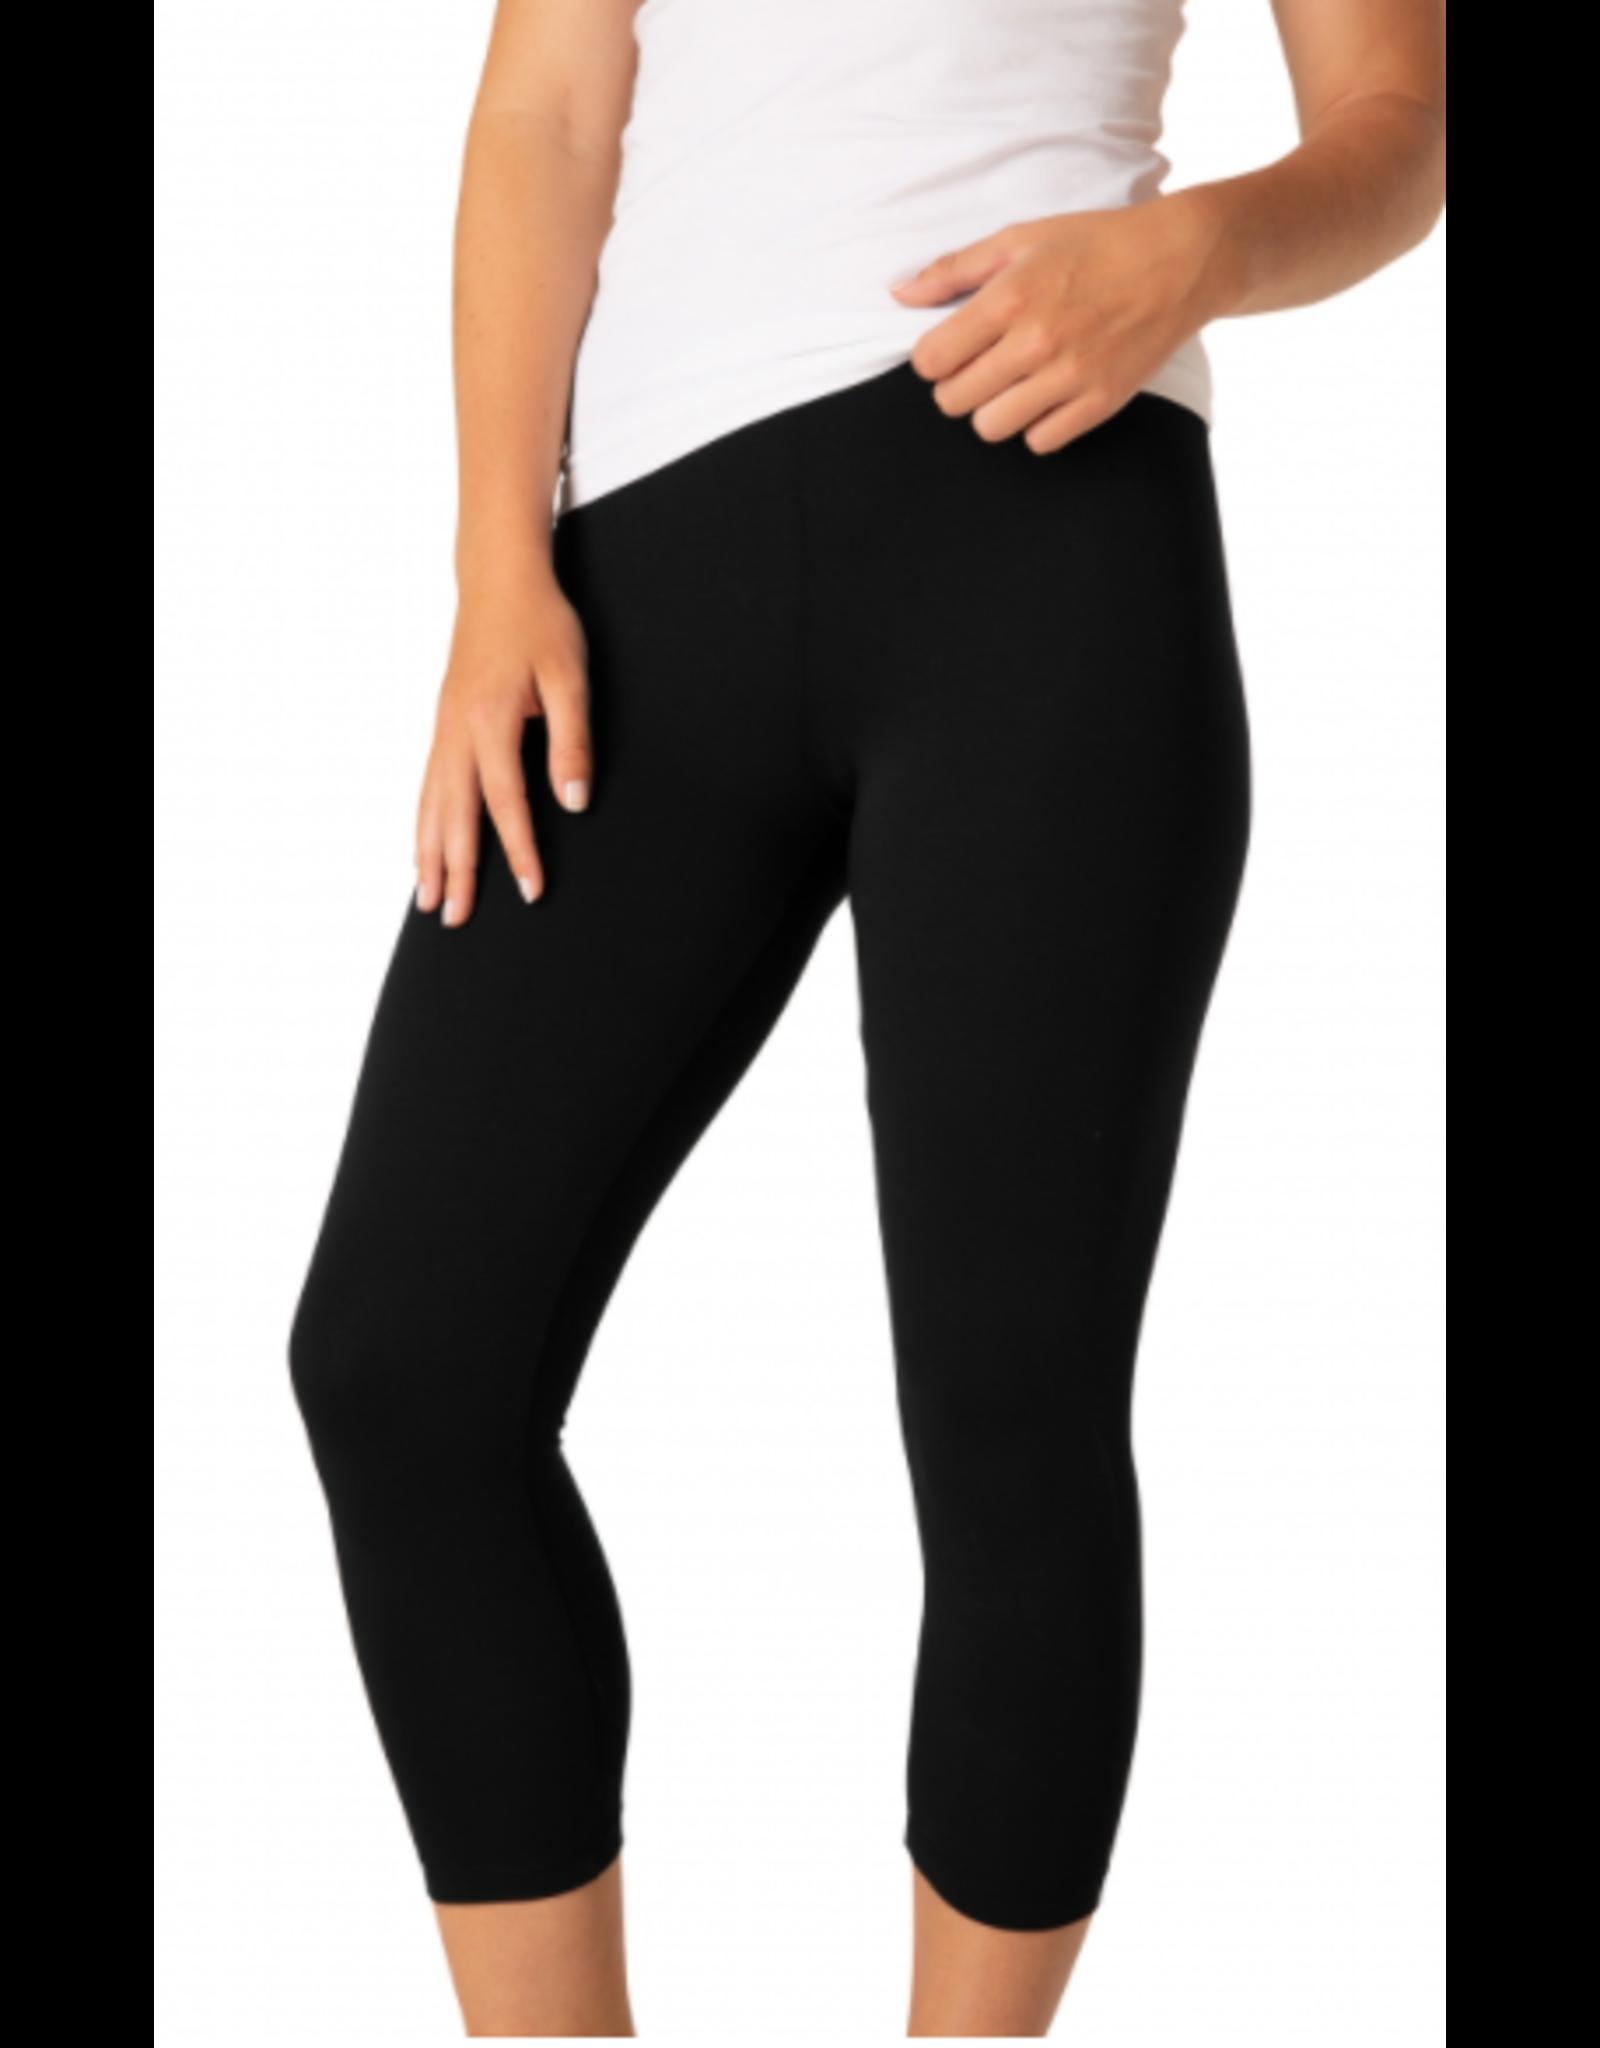 YEST yest-legging3/4-6231B